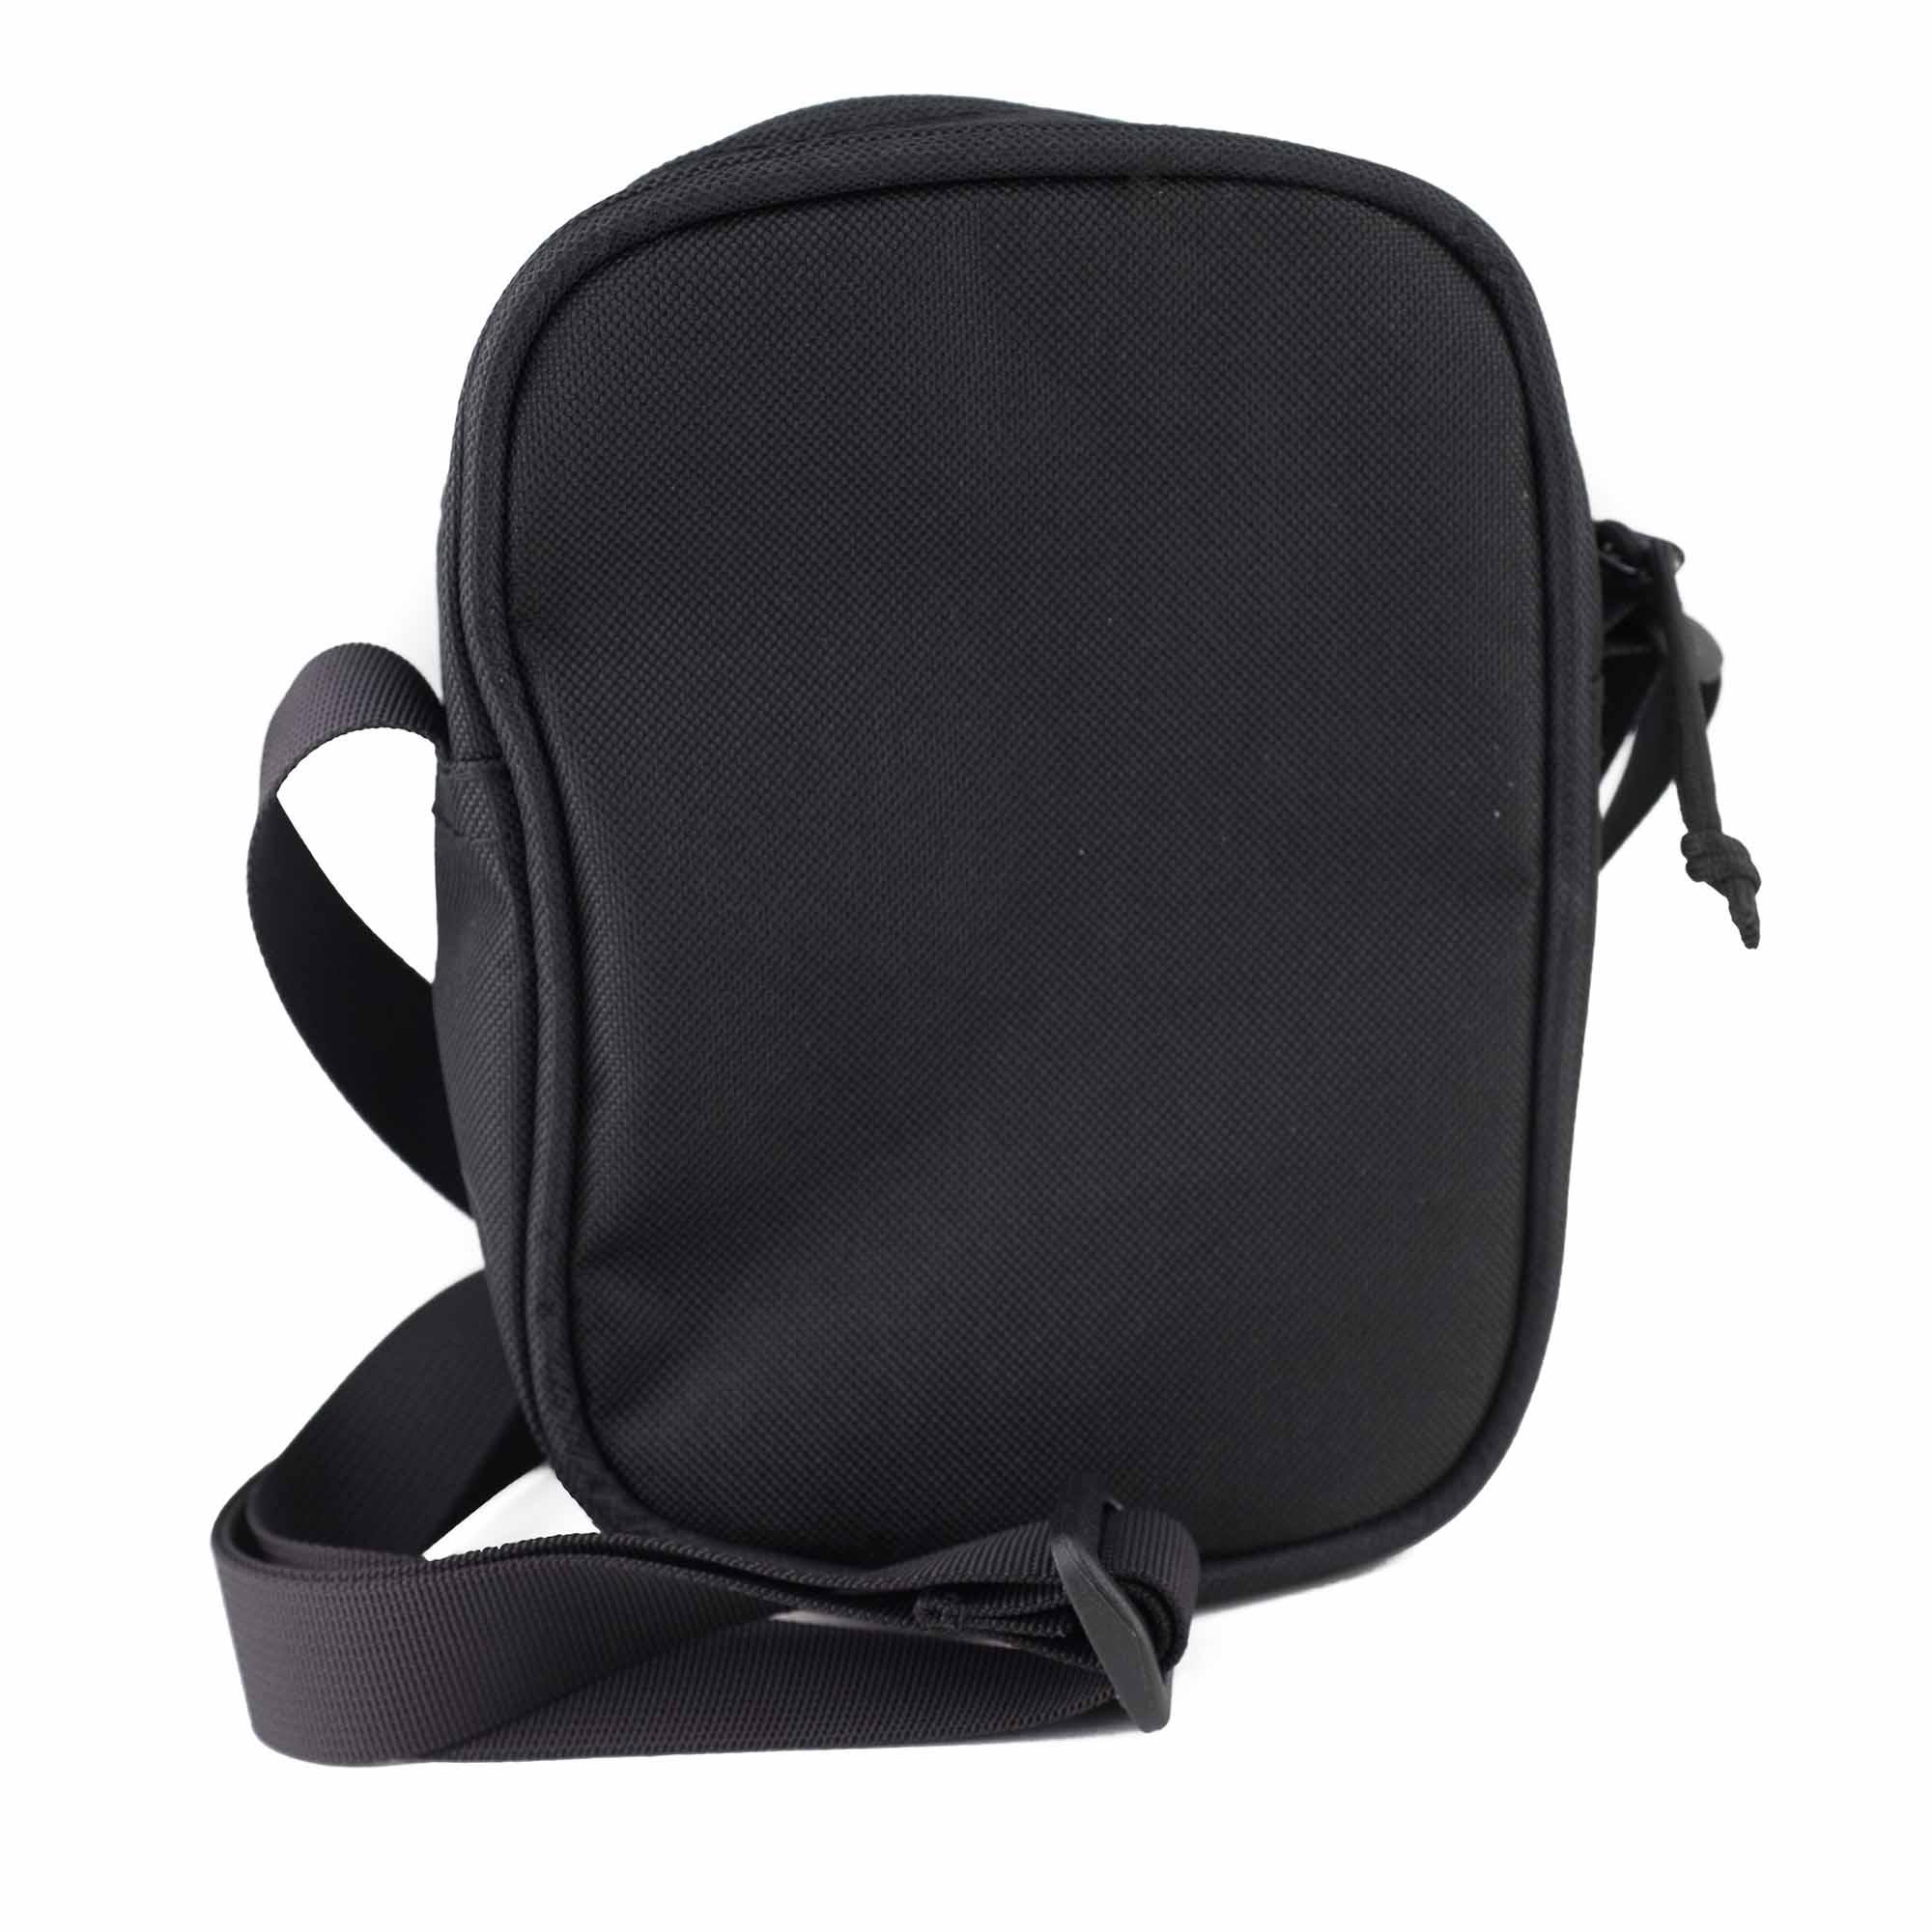 Polar Skate Co. Cordura Mini Dealer Bag - Black